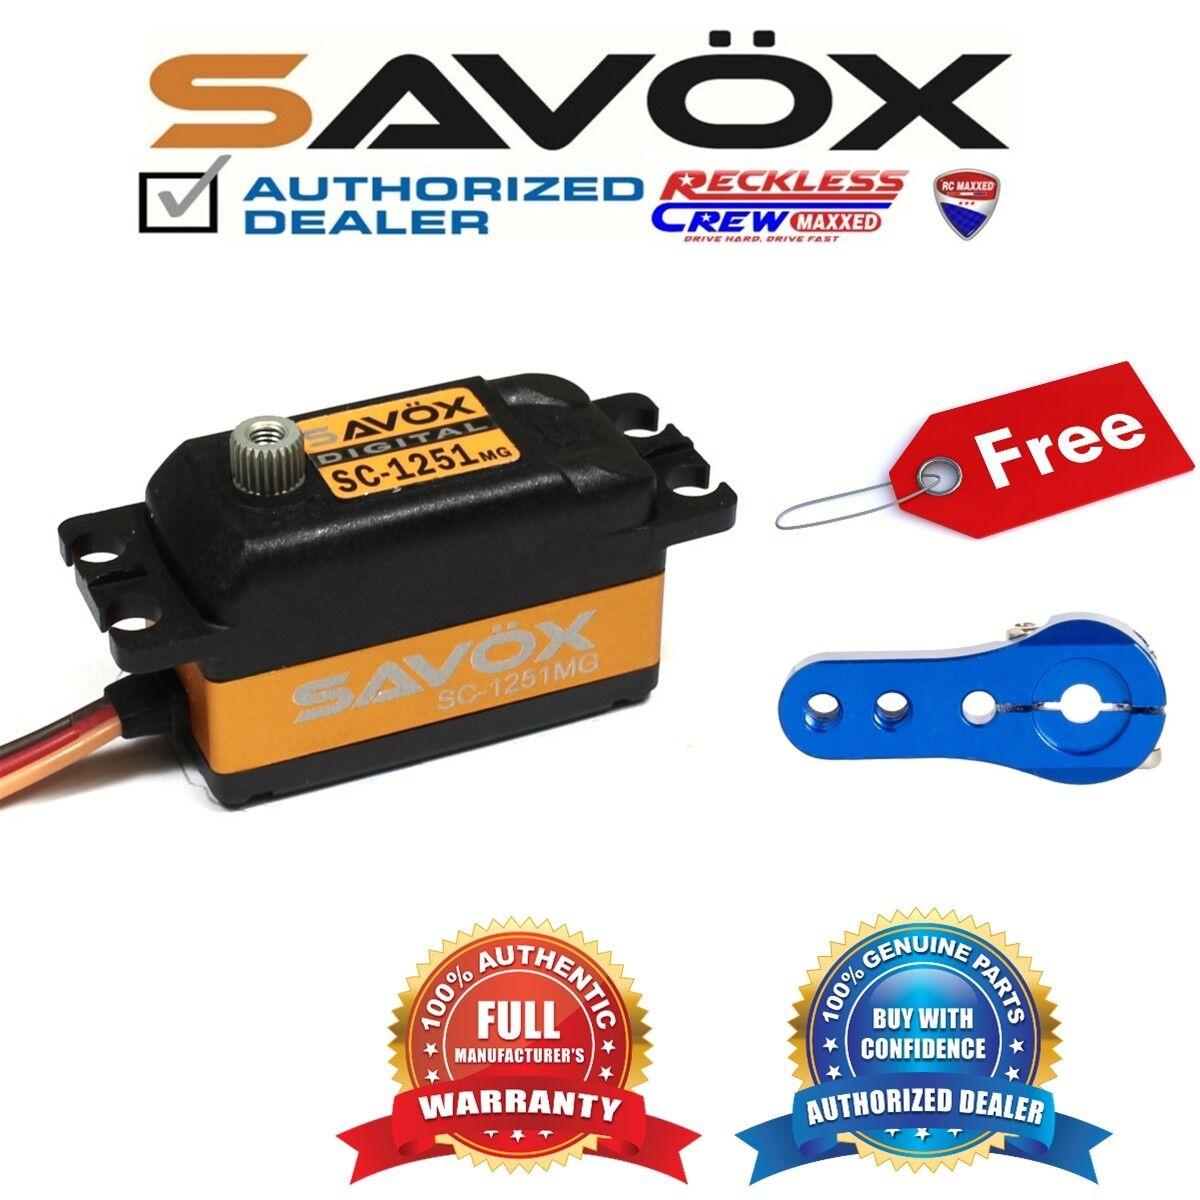 marchio famoso Savox SC-1251MG High Speed Low Profile Servo + gratuito gratuito gratuito Aluminium servo horn blu  acquista online oggi